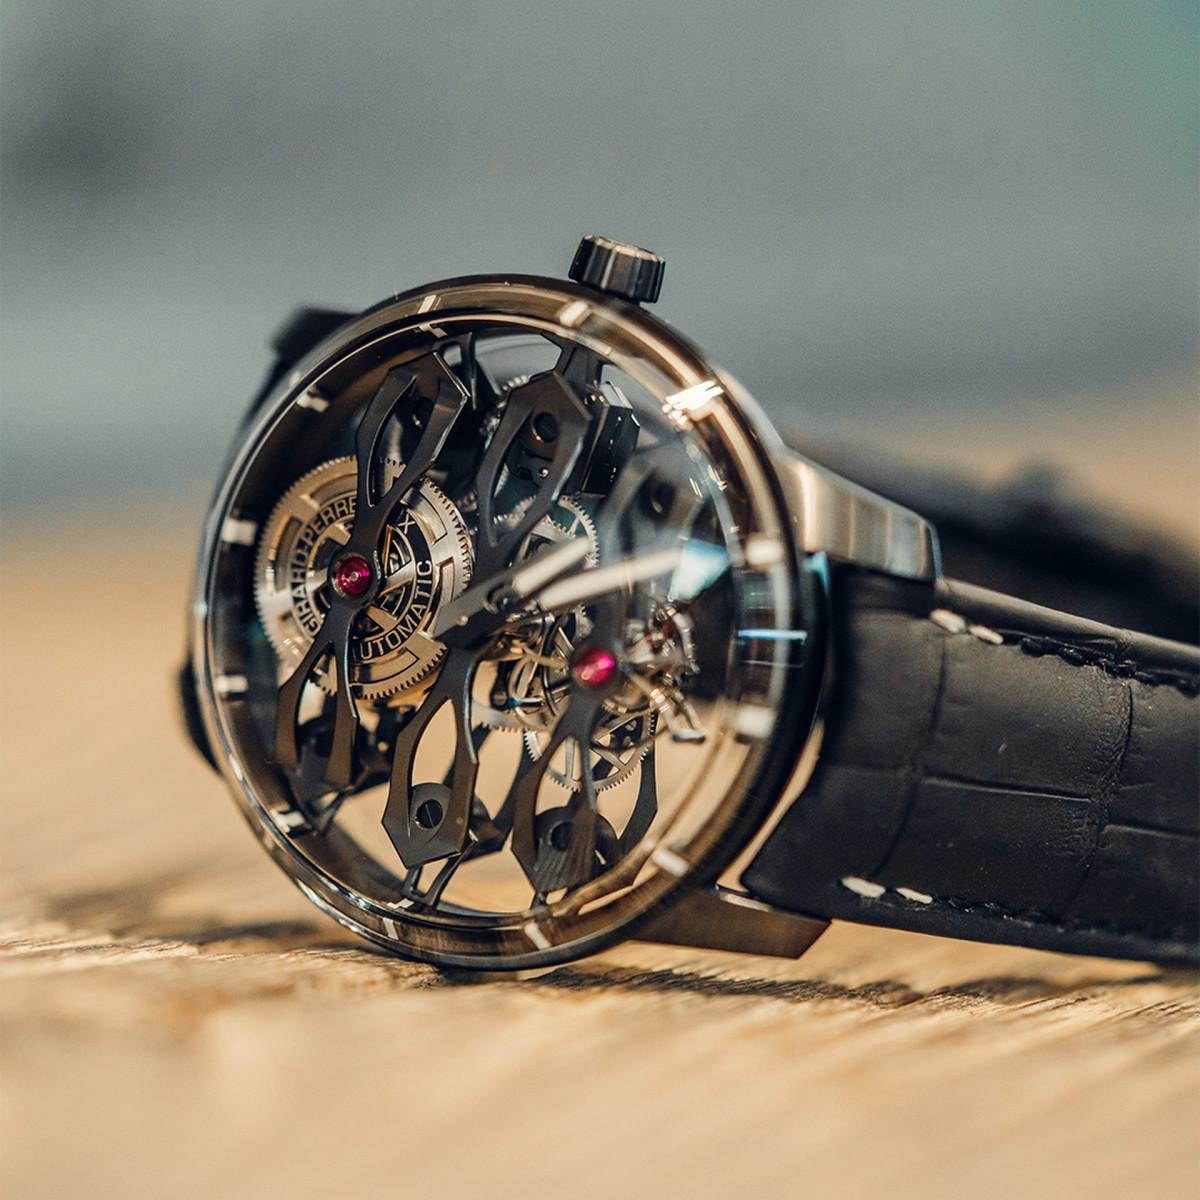 Aston Martin ra mắt mẫu đồng hồ giá hơn 3 tỷ đồng-2